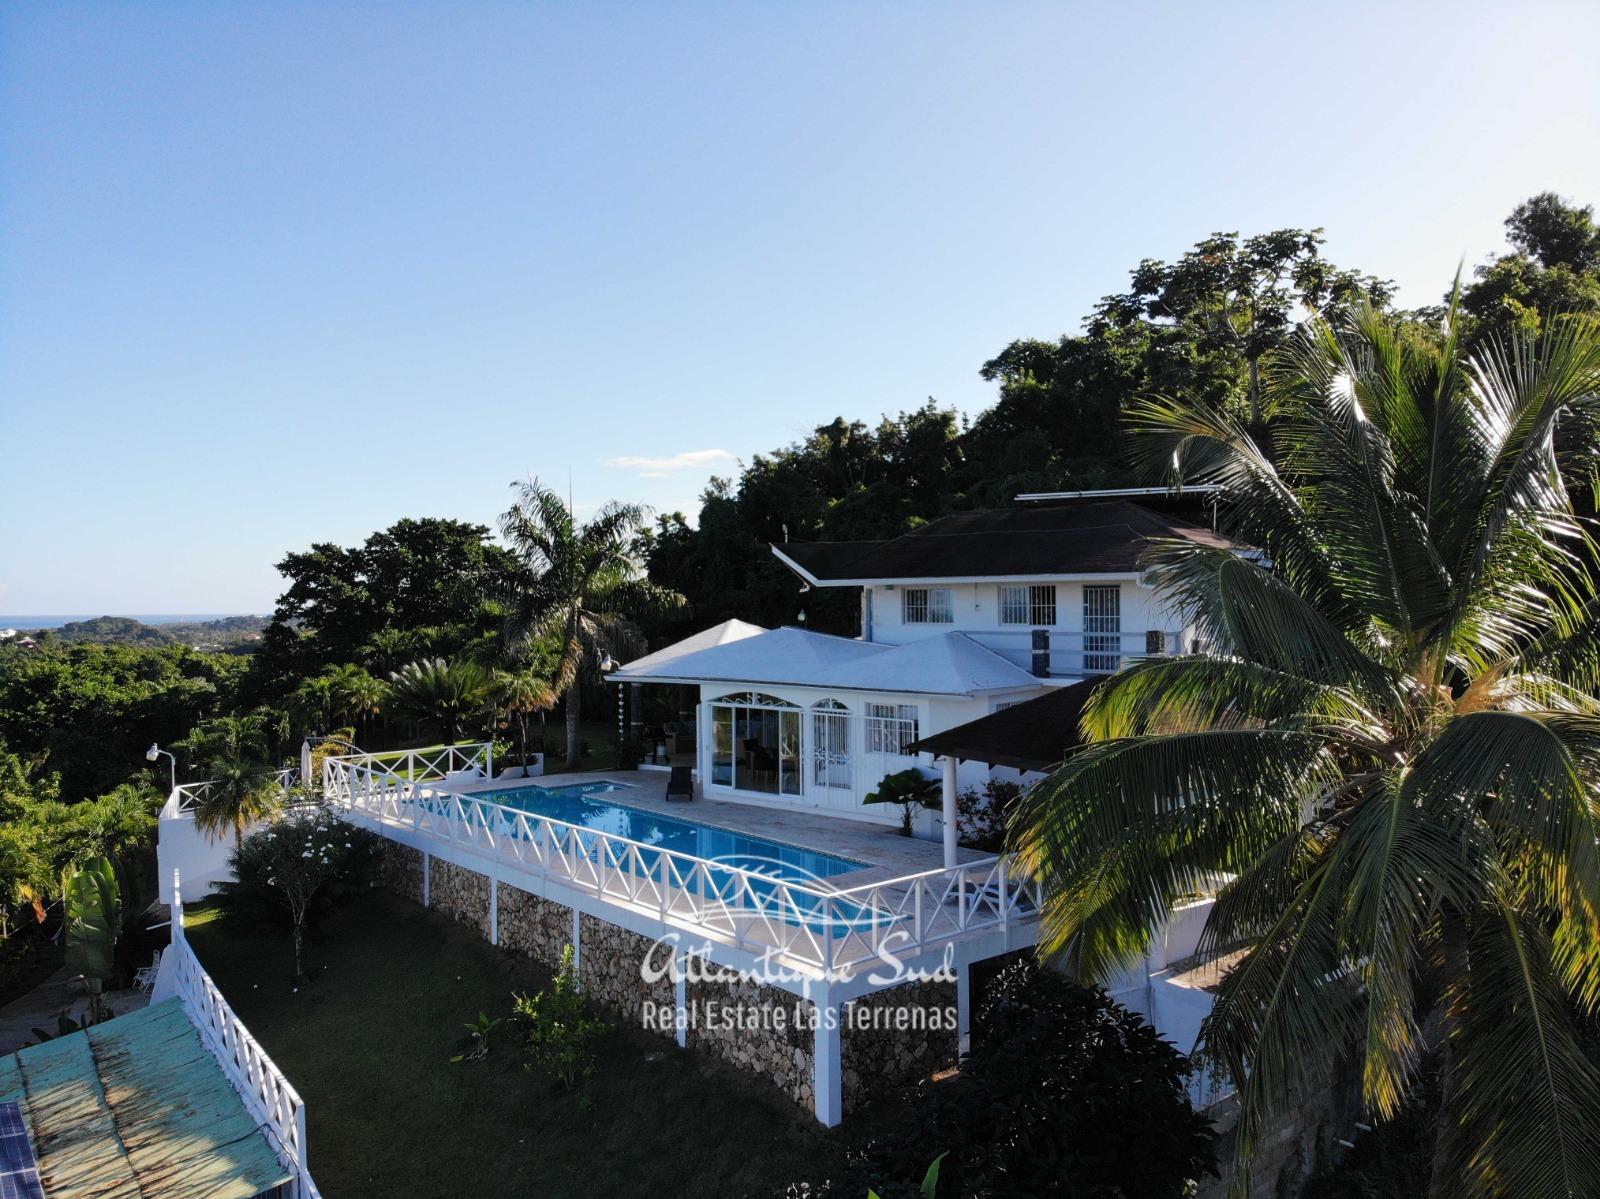 Villa for sale on a hill in Las Terrenas Dominican republic12.jpeg